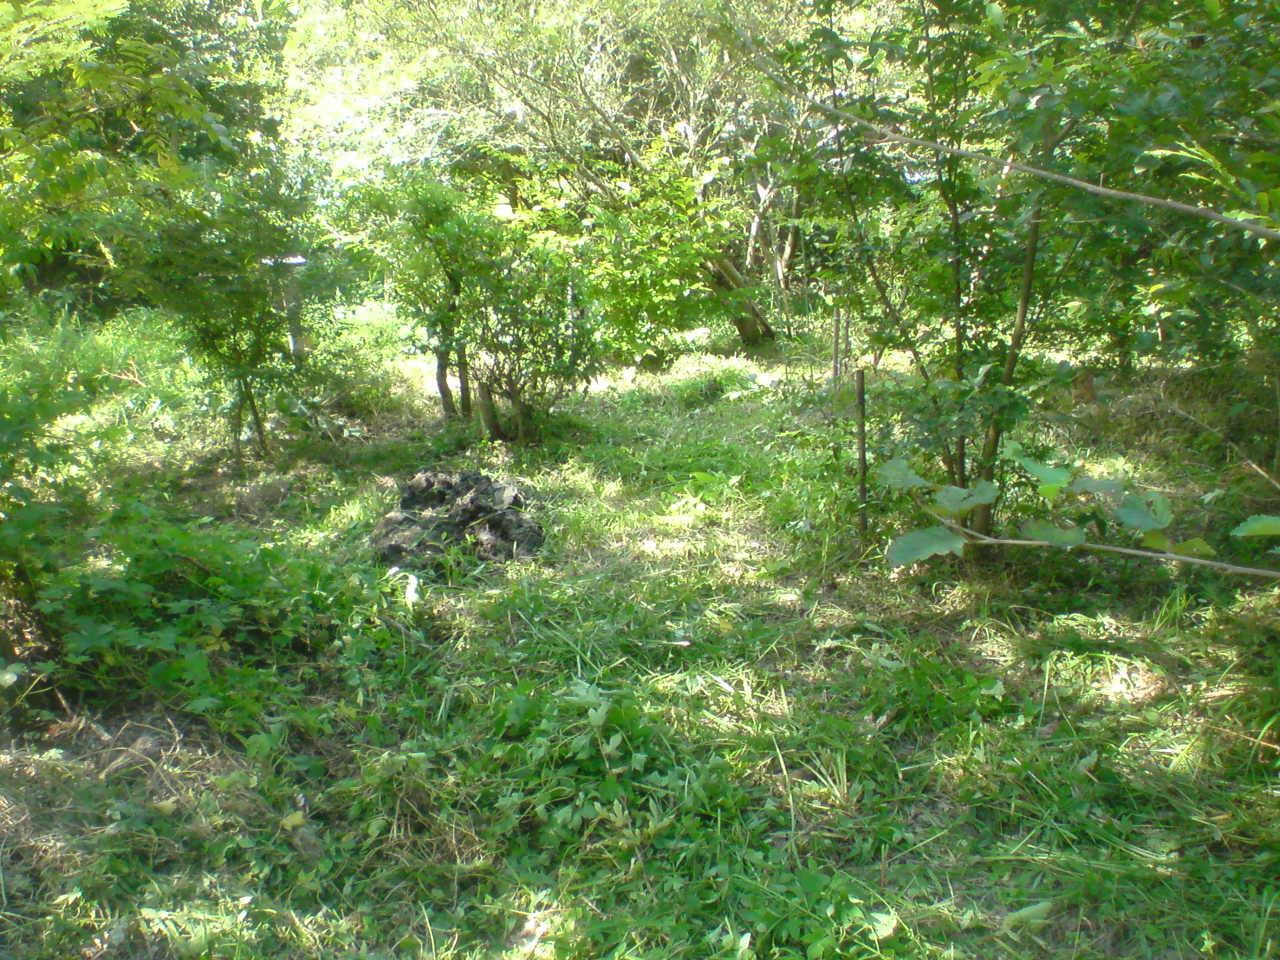 食草園の刈り払い - トロルお爺の木aワーカー林住記